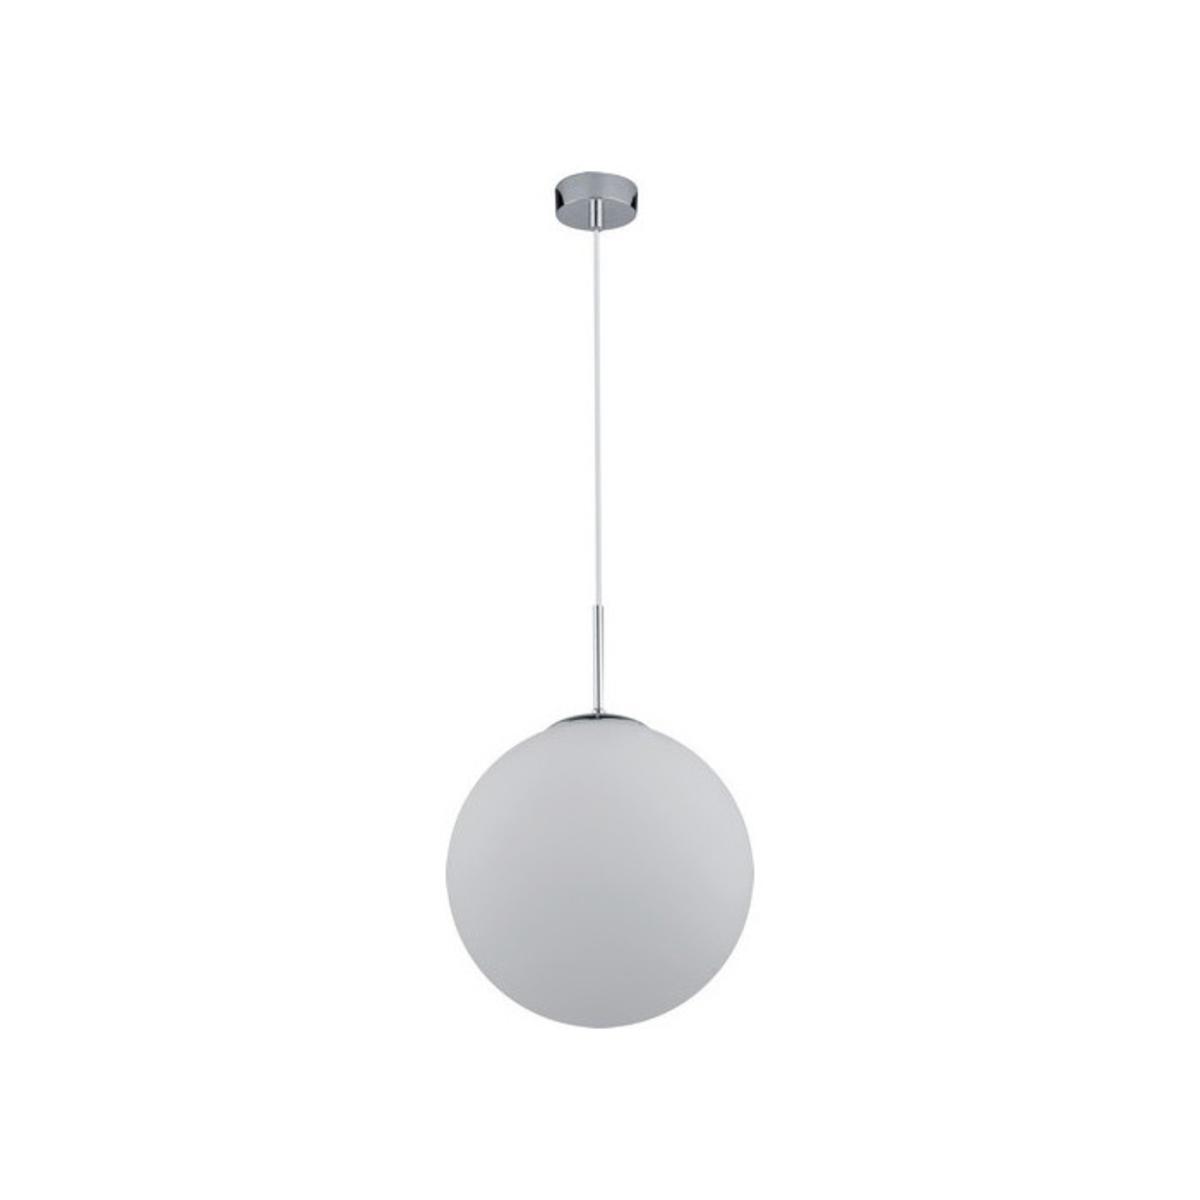 Купить Подвесной светильник VOLARE A1563SP-1CC, HomeMe